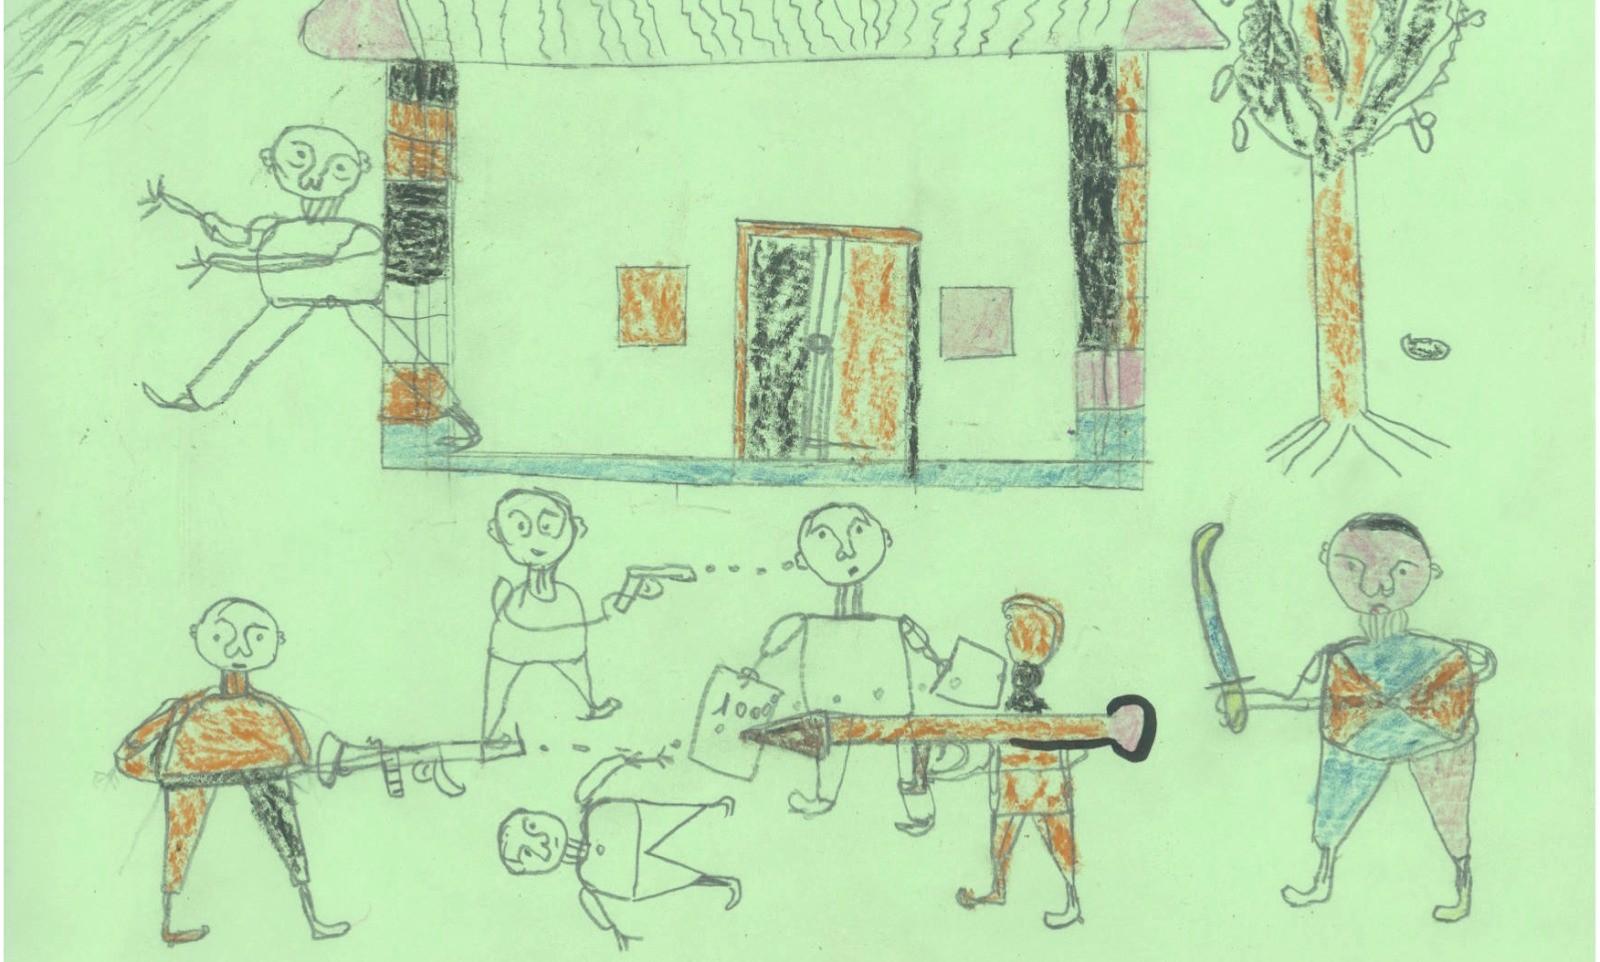 Bức tranh ám ảnh của đứa trẻ 5 tuổi treo tại siêu thị gây xôn xao MXH, vẽ về bố nhưng không khác gì lời kêu cứu trong vô vọng - Ảnh 3.